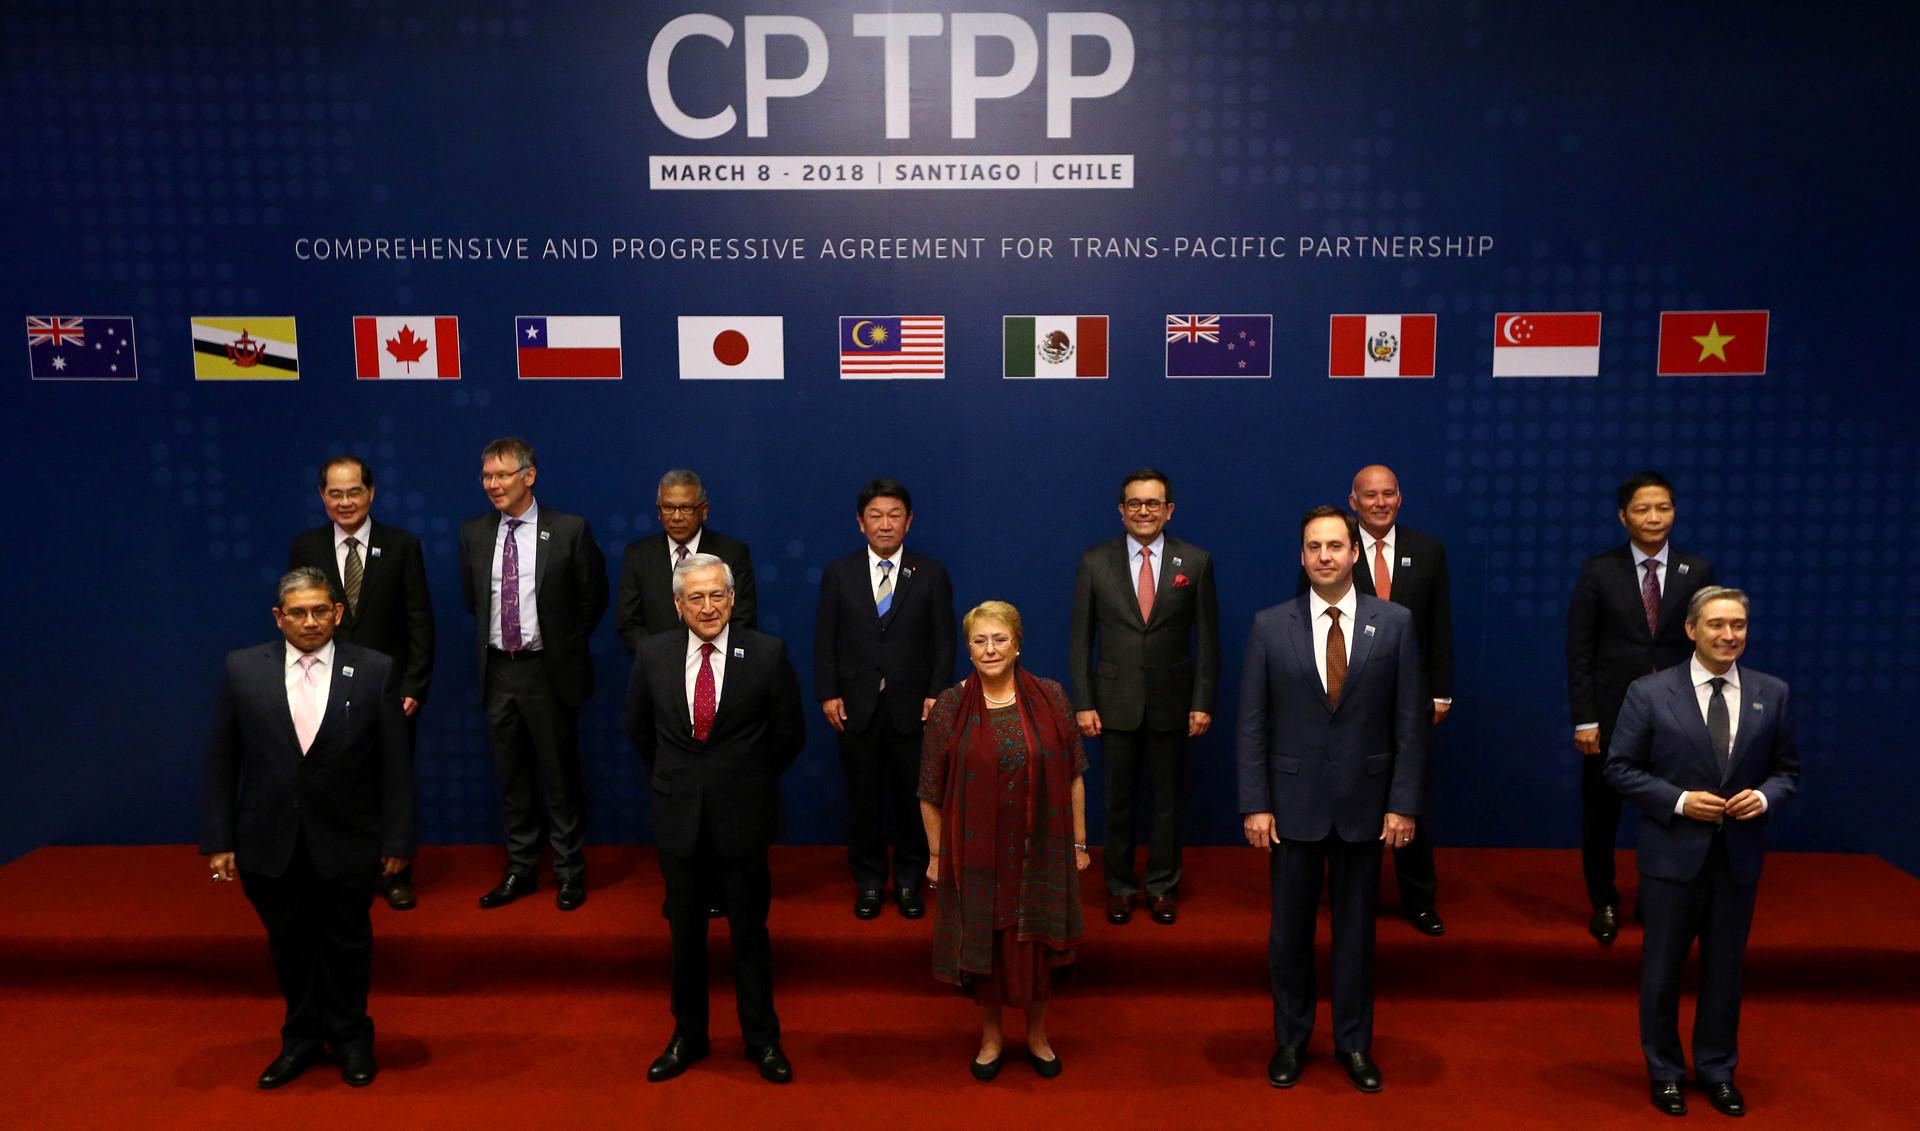 Nỗ lực cứu vãn CPTPP của Chính phủ Úc và những lợi ích mà Hiệp định thương mại tự do thế hệ mới này đem lại cho nước Úc